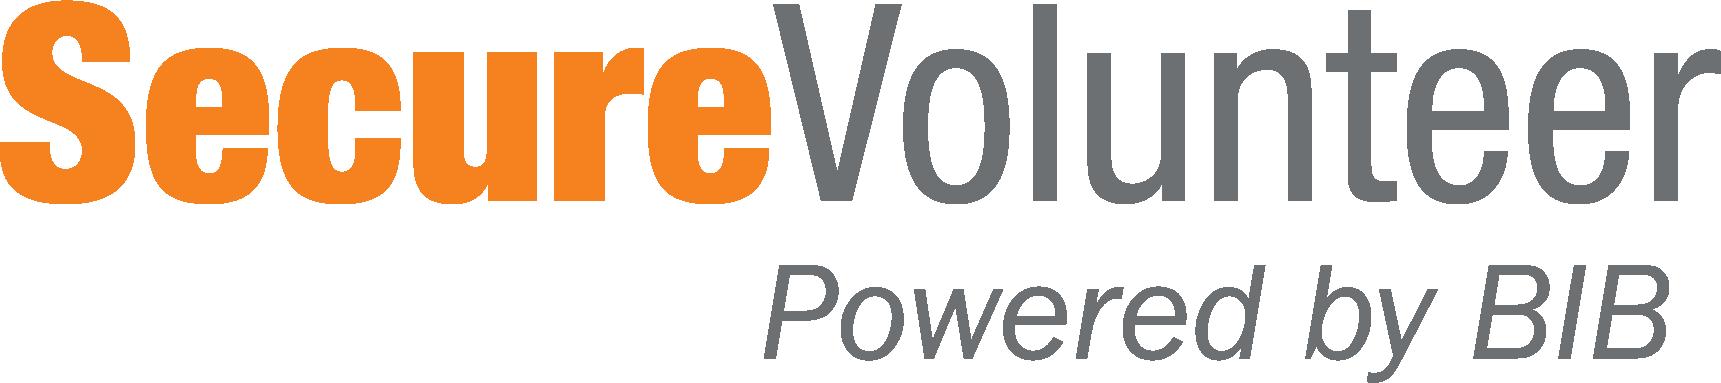 secure volunteer logo png